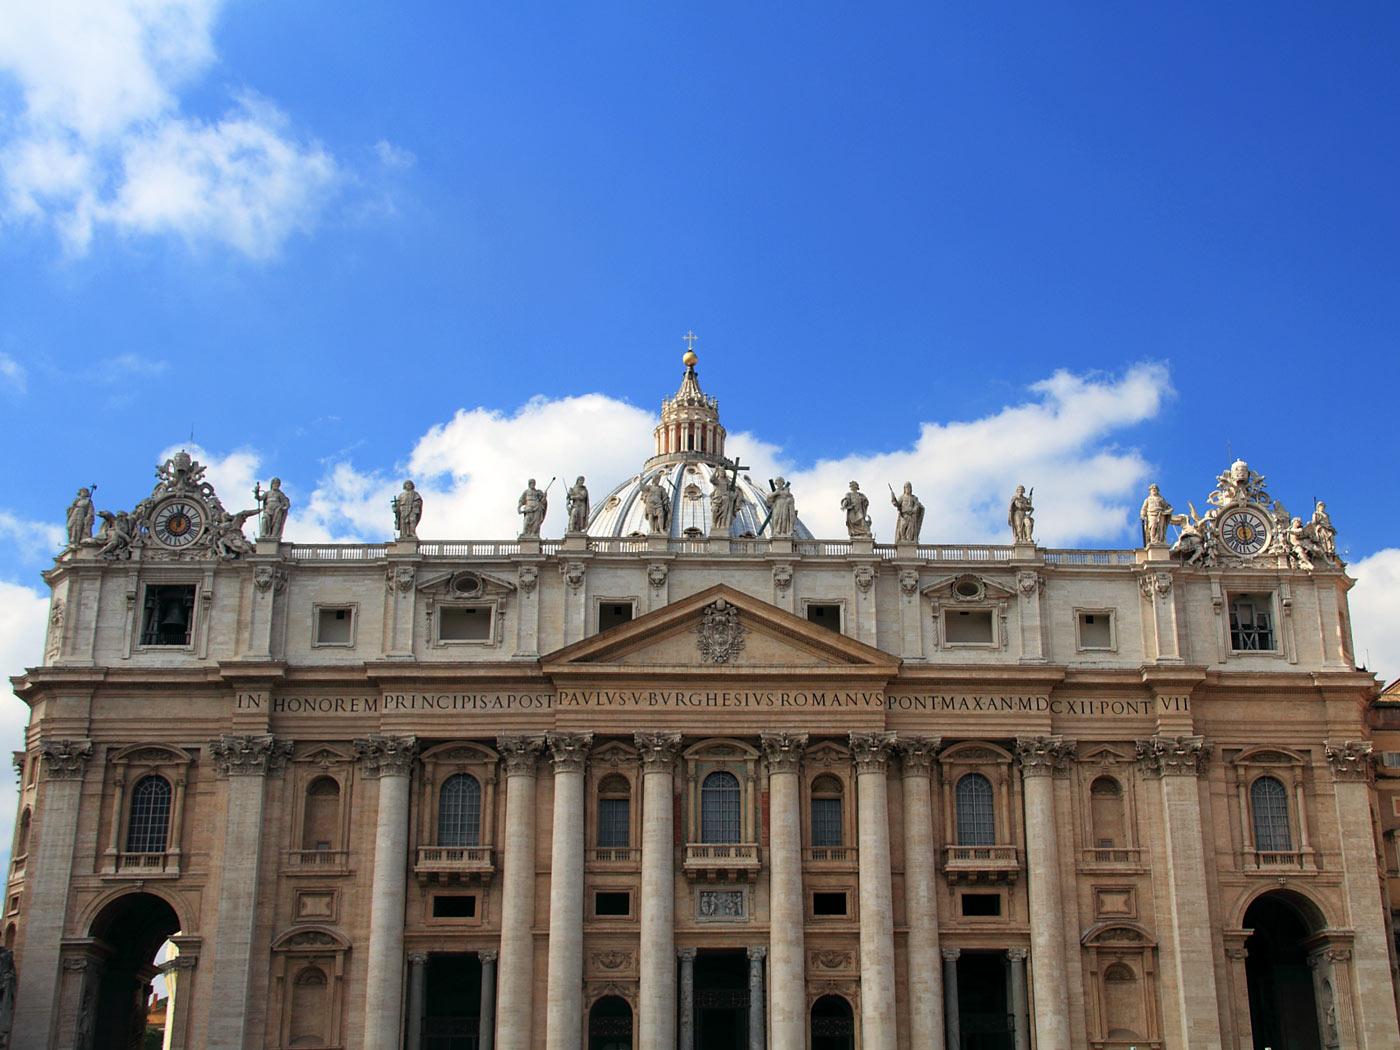 サン・ピエトロ大聖堂の画像 p1_32